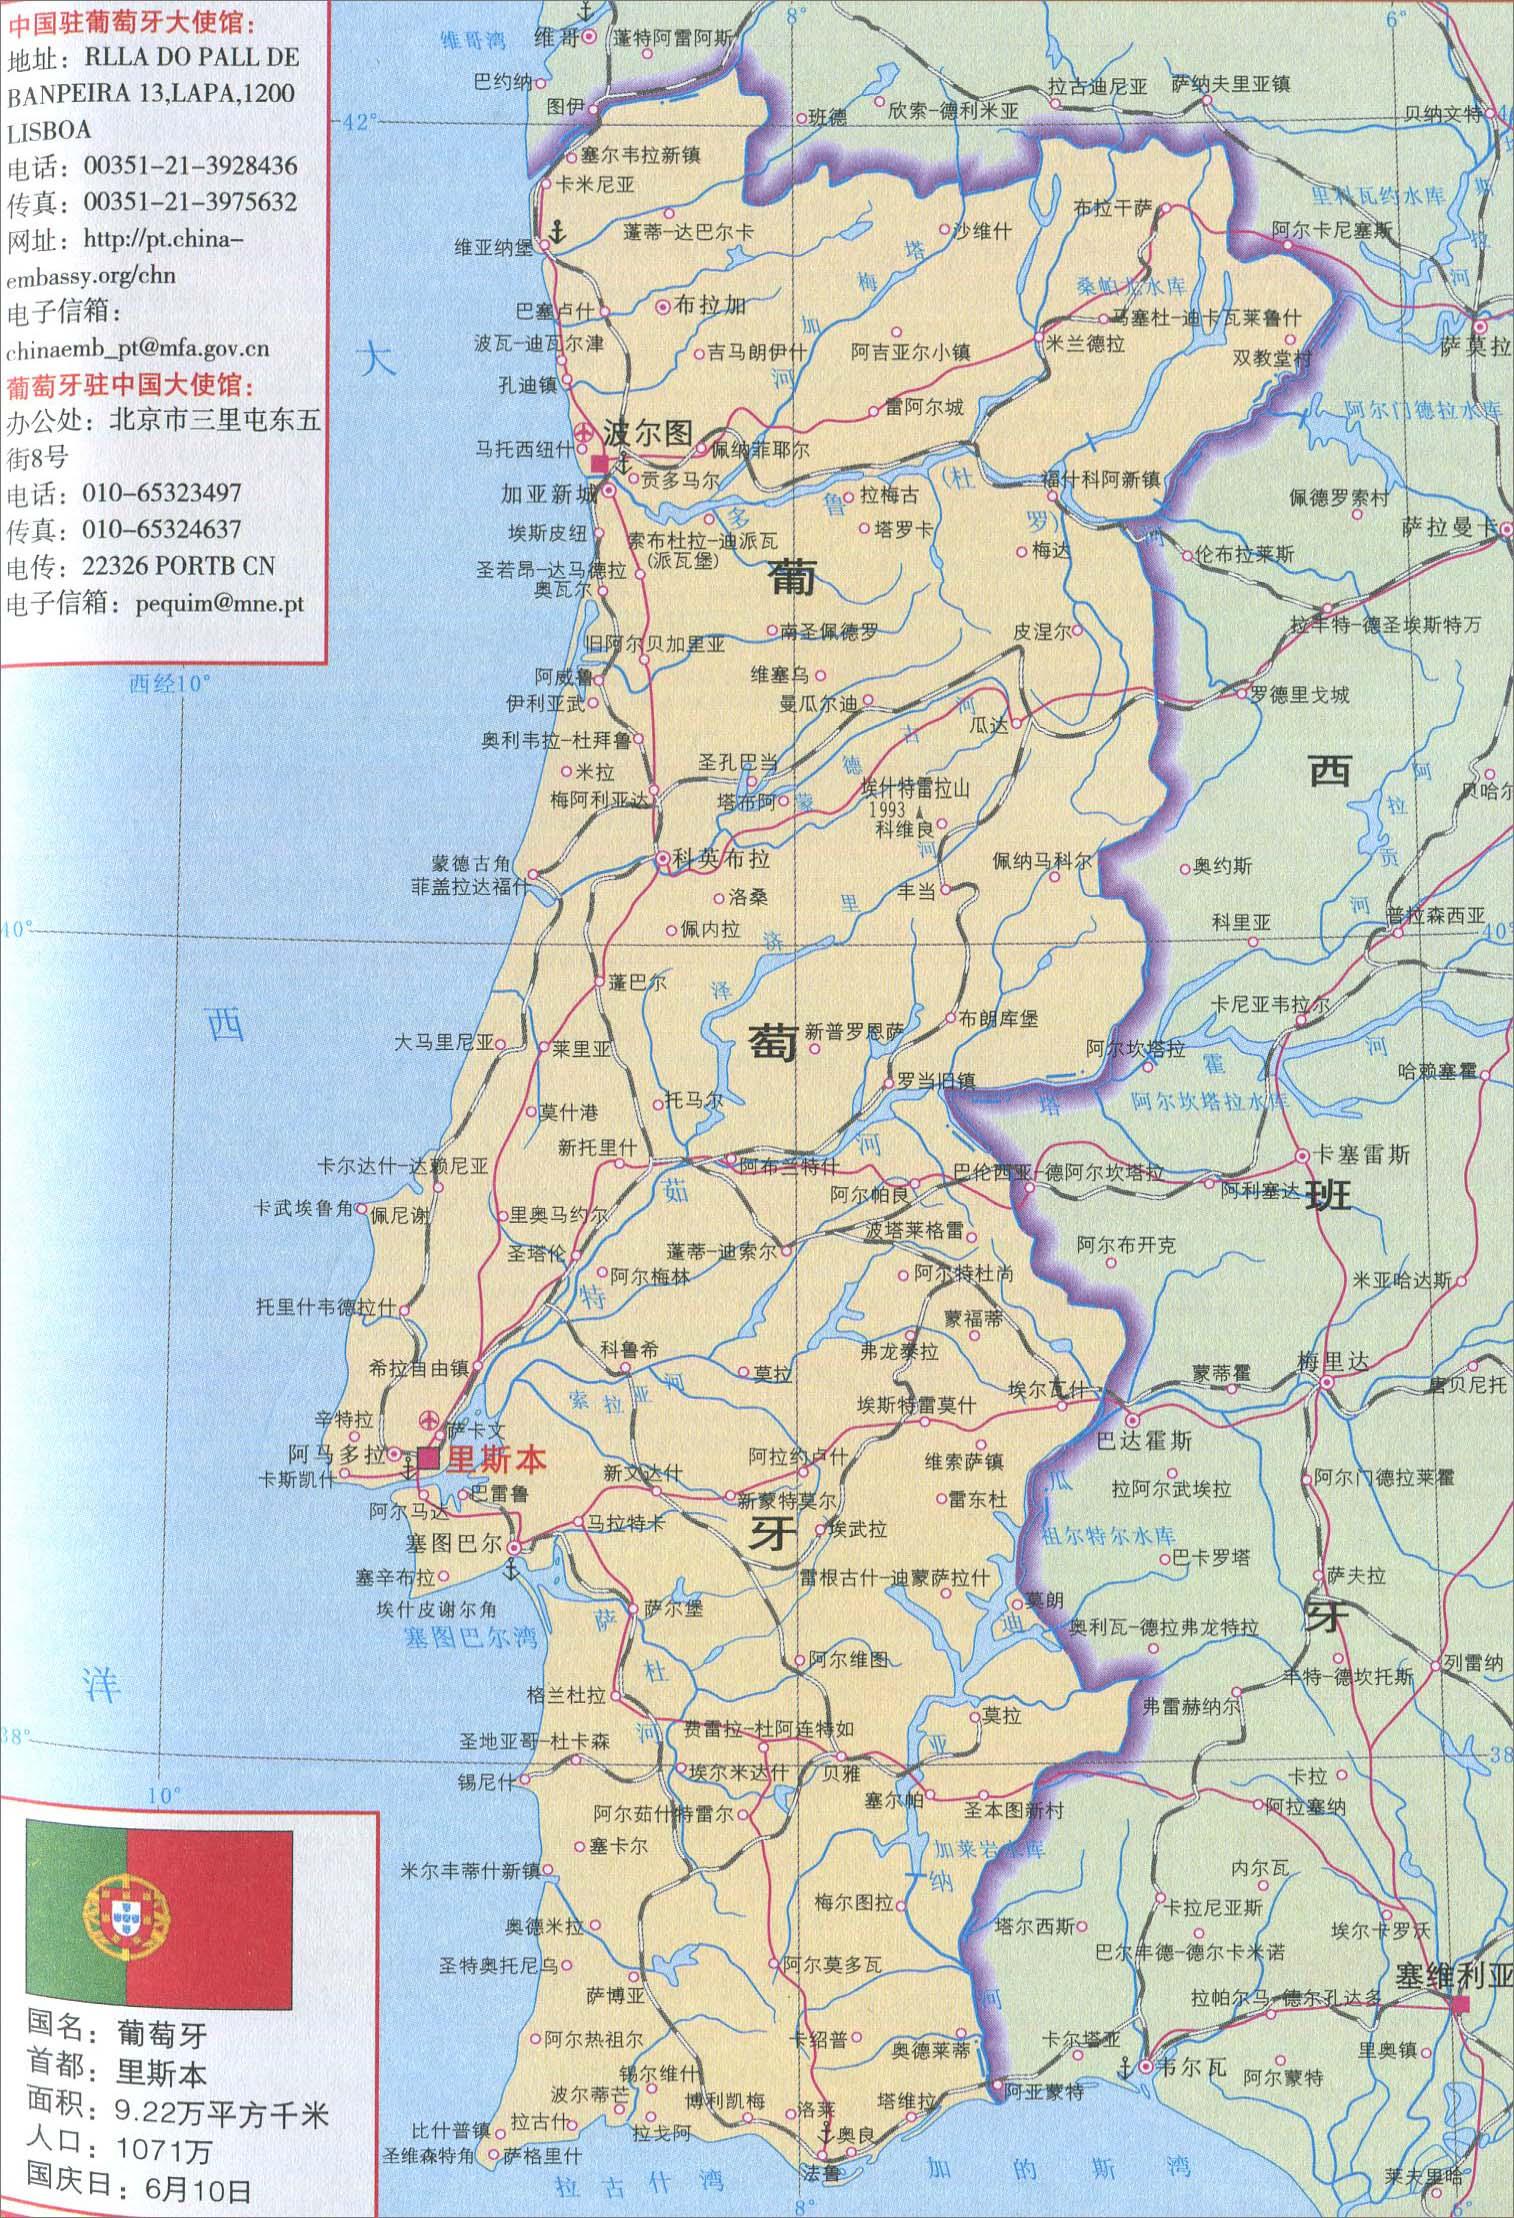 葡萄牙旅游地图